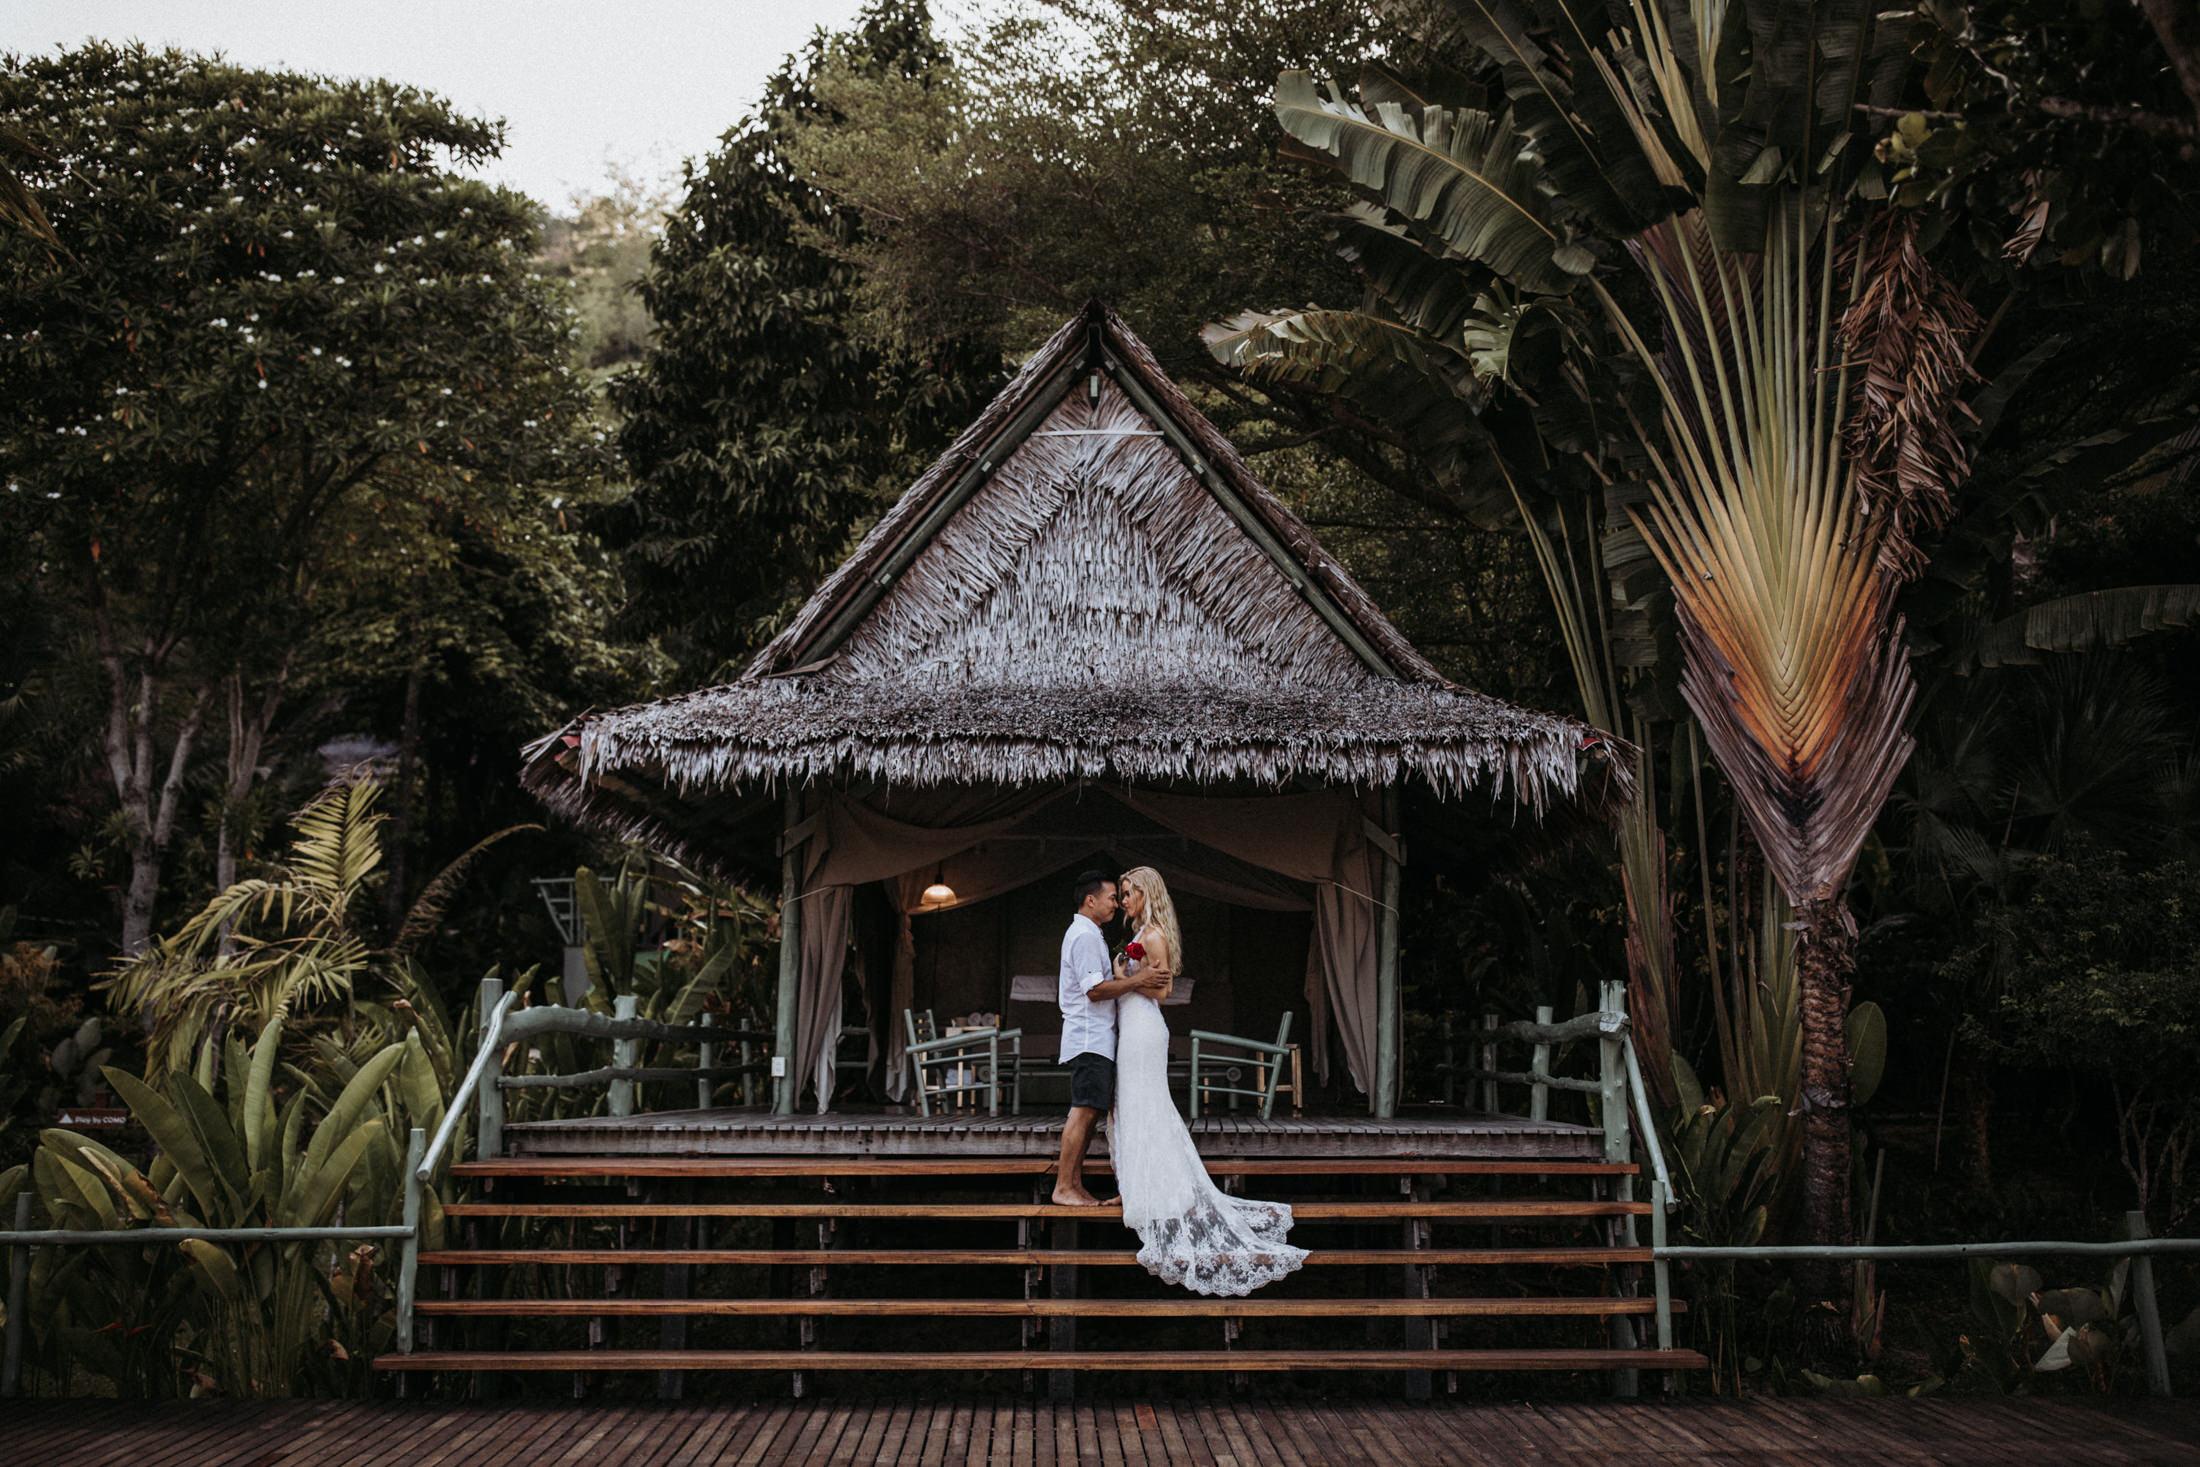 DanielaMarquardt_Wedding_Thailand_481